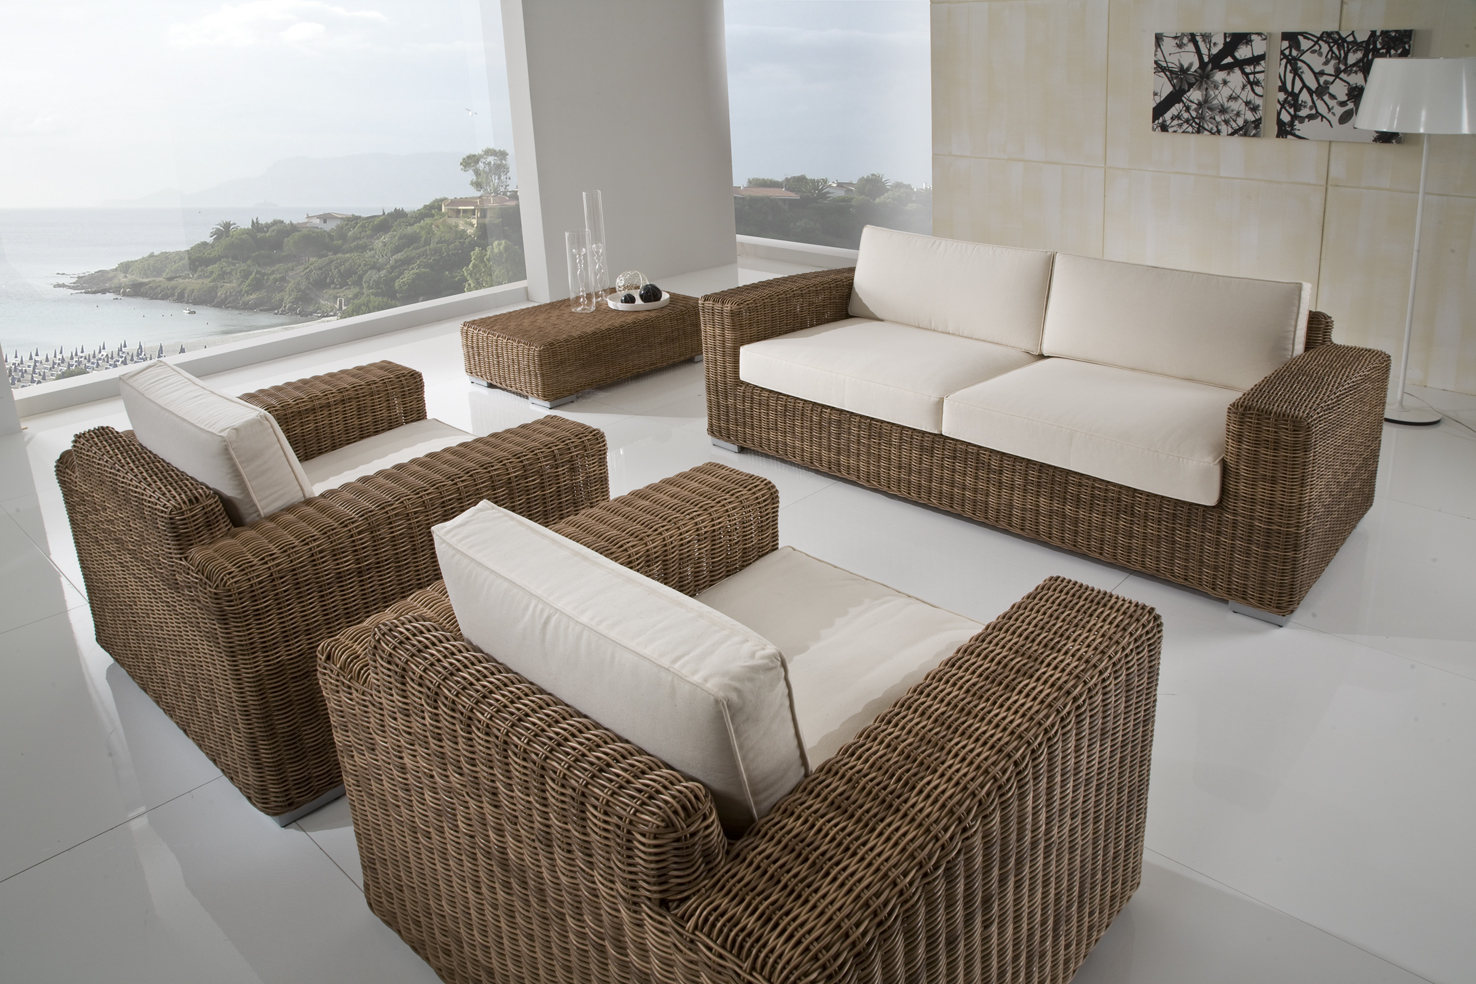 Divani esterno rattan sintetico idee per il design della for Mobili design occasioni divani